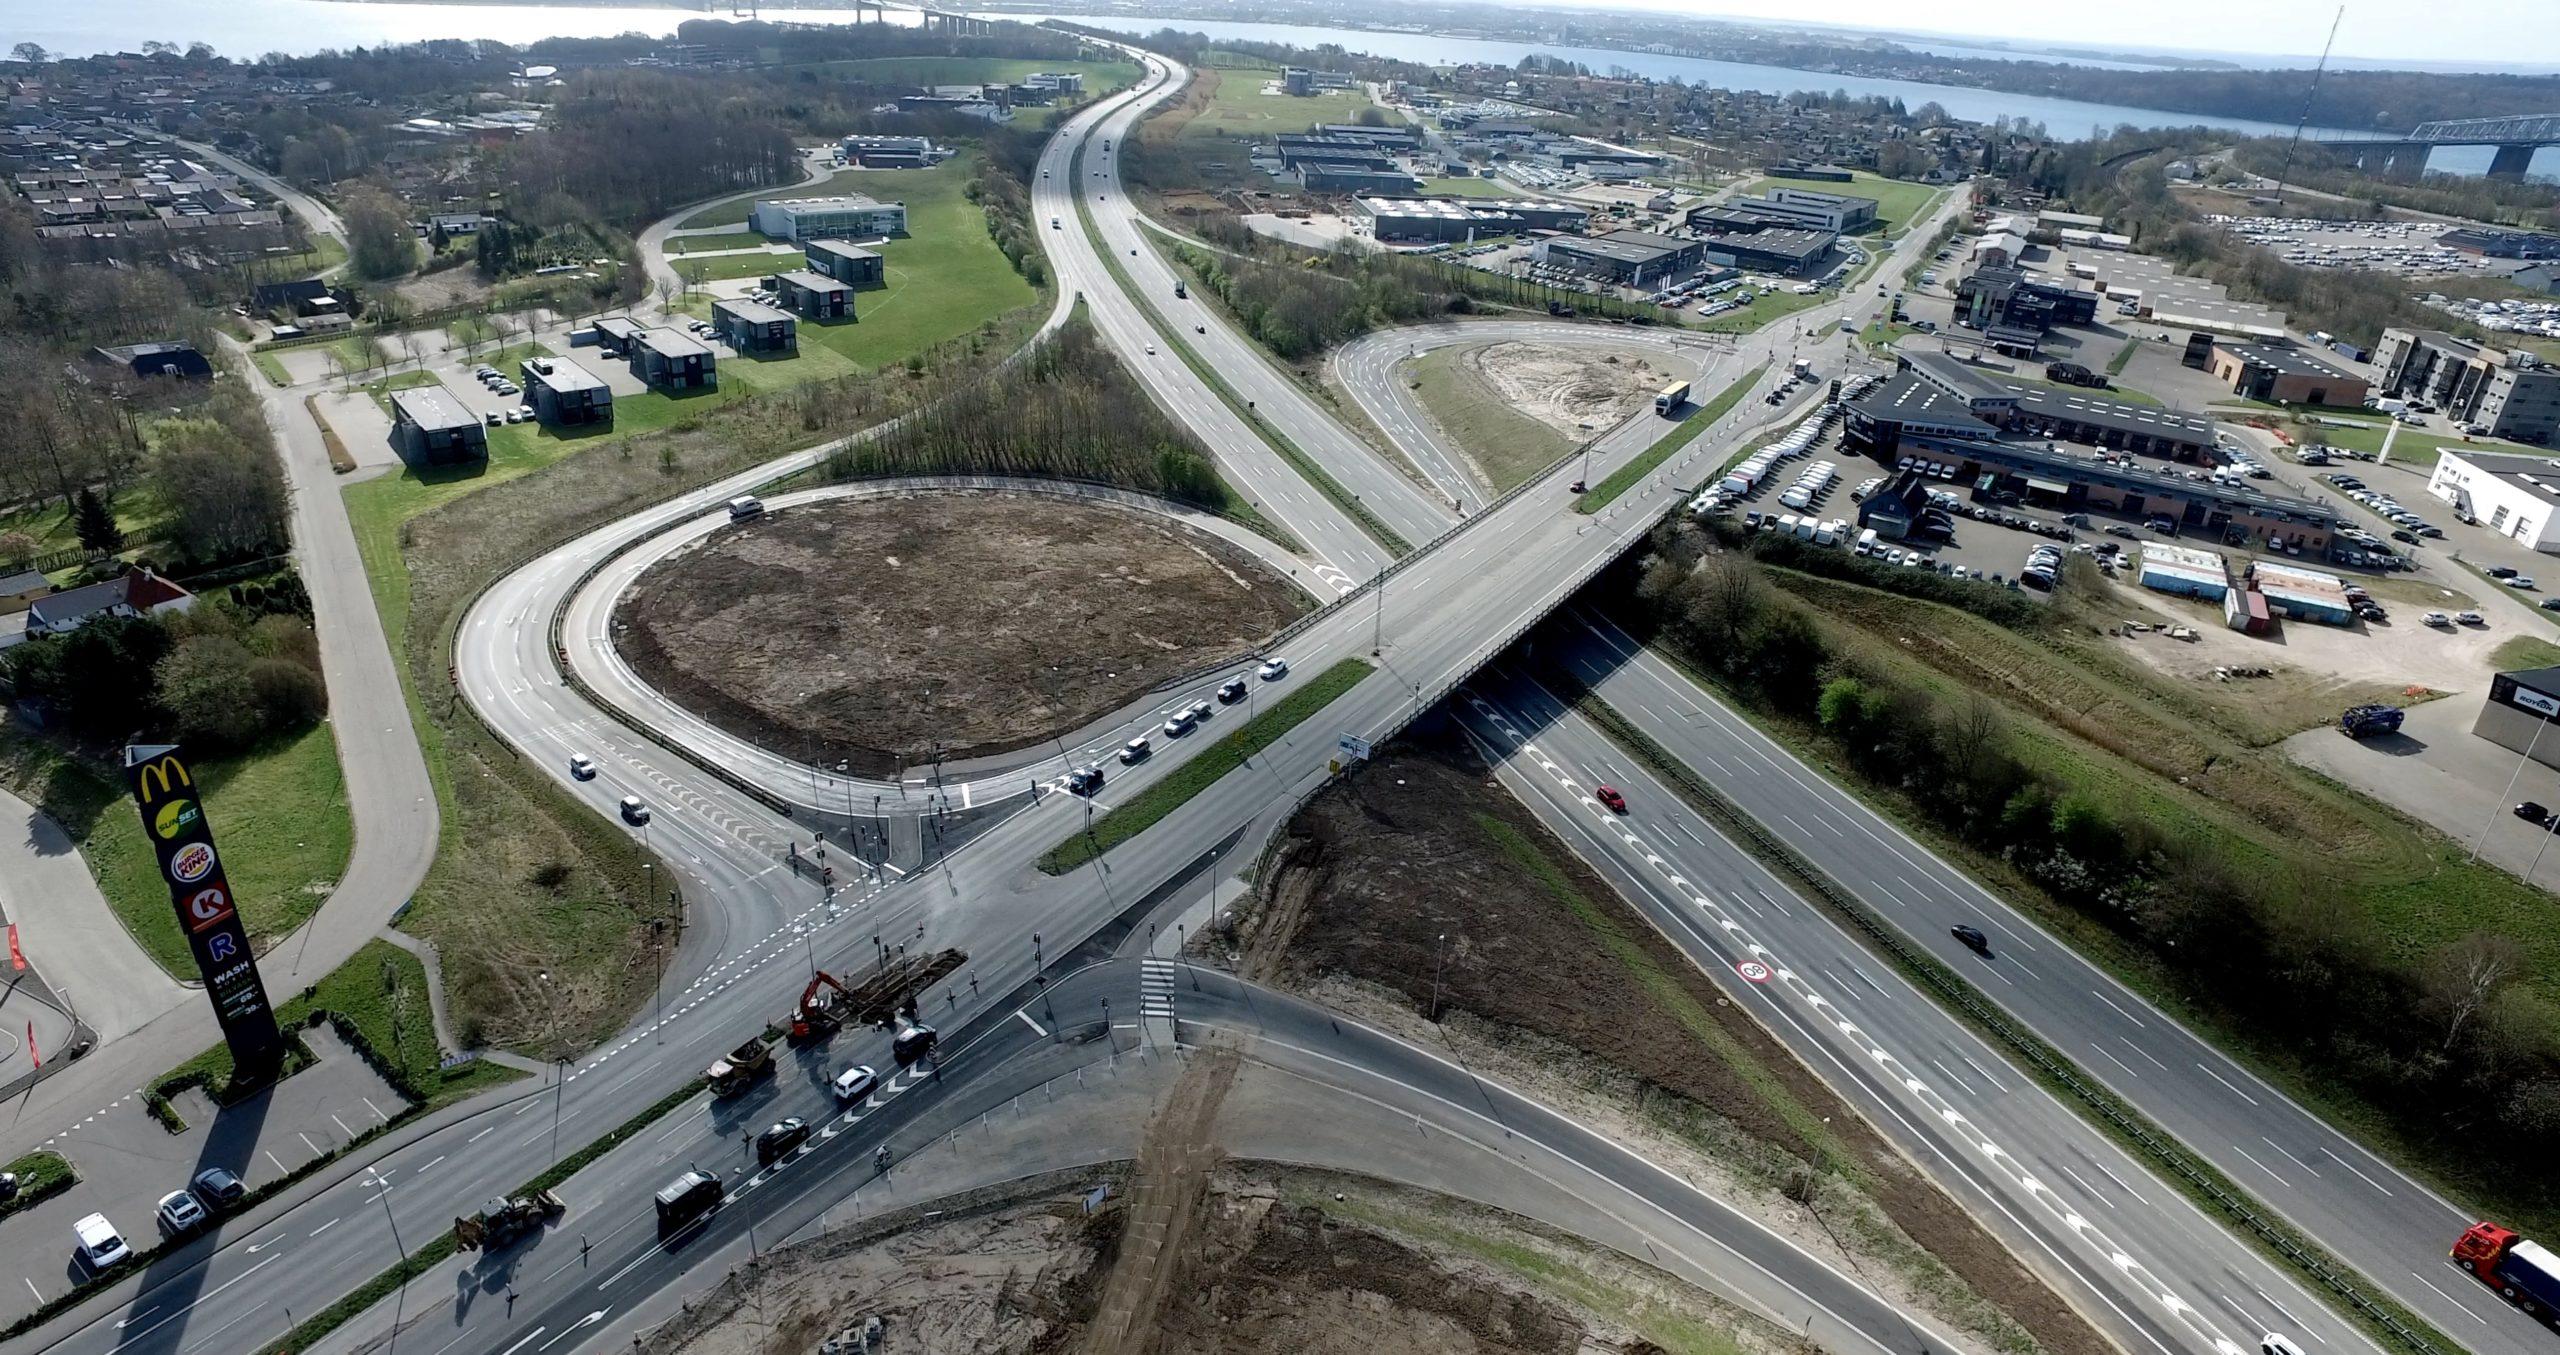 Trafikale udfordringer: Tilkørsel mod fyn spærret i de næste to måneder